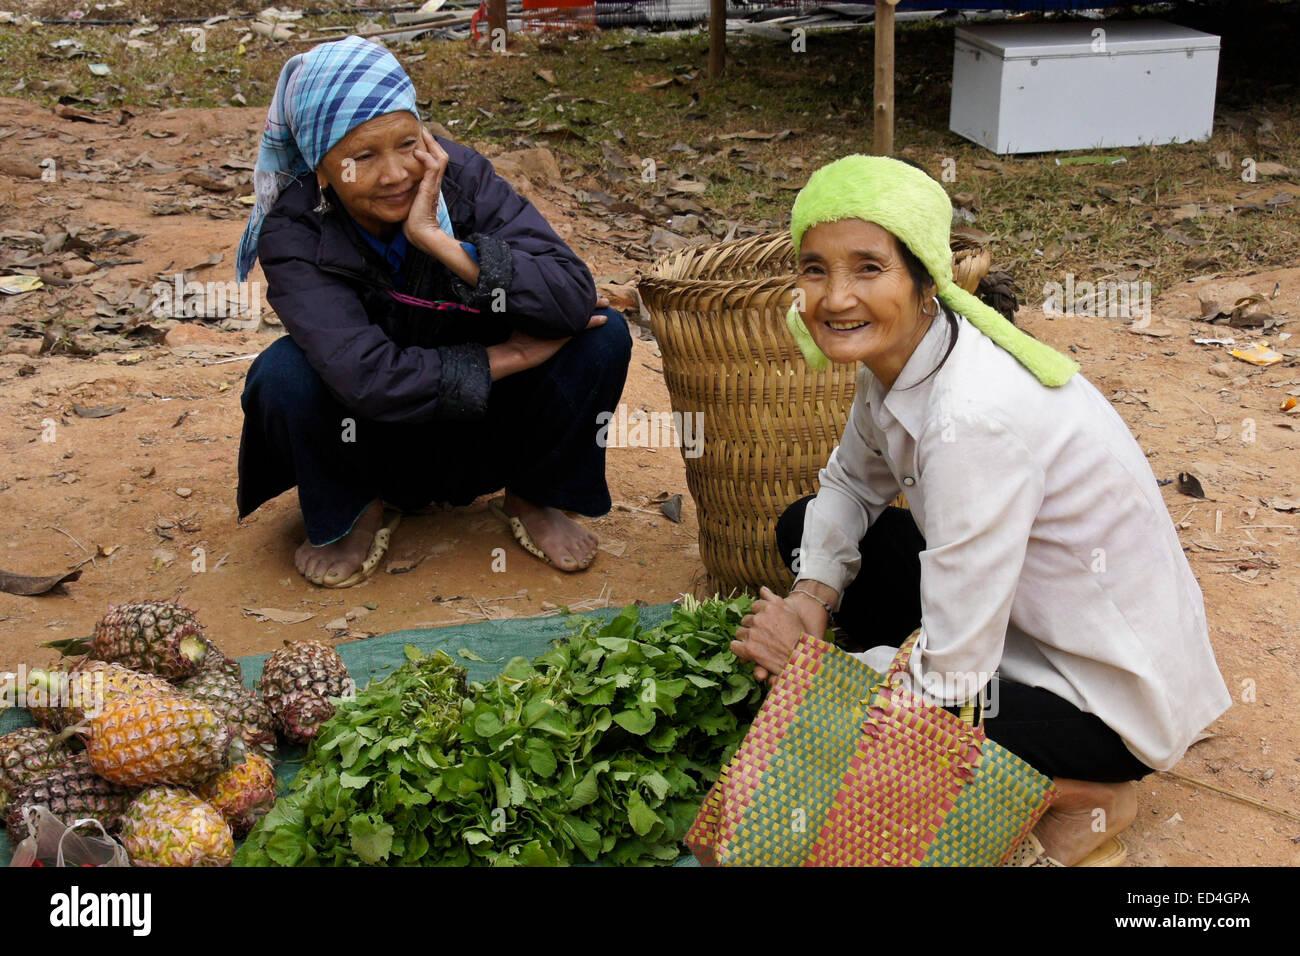 Women at open-air market, Nam Luc, Sapa (Sa Pa), Vietnam - Stock Image